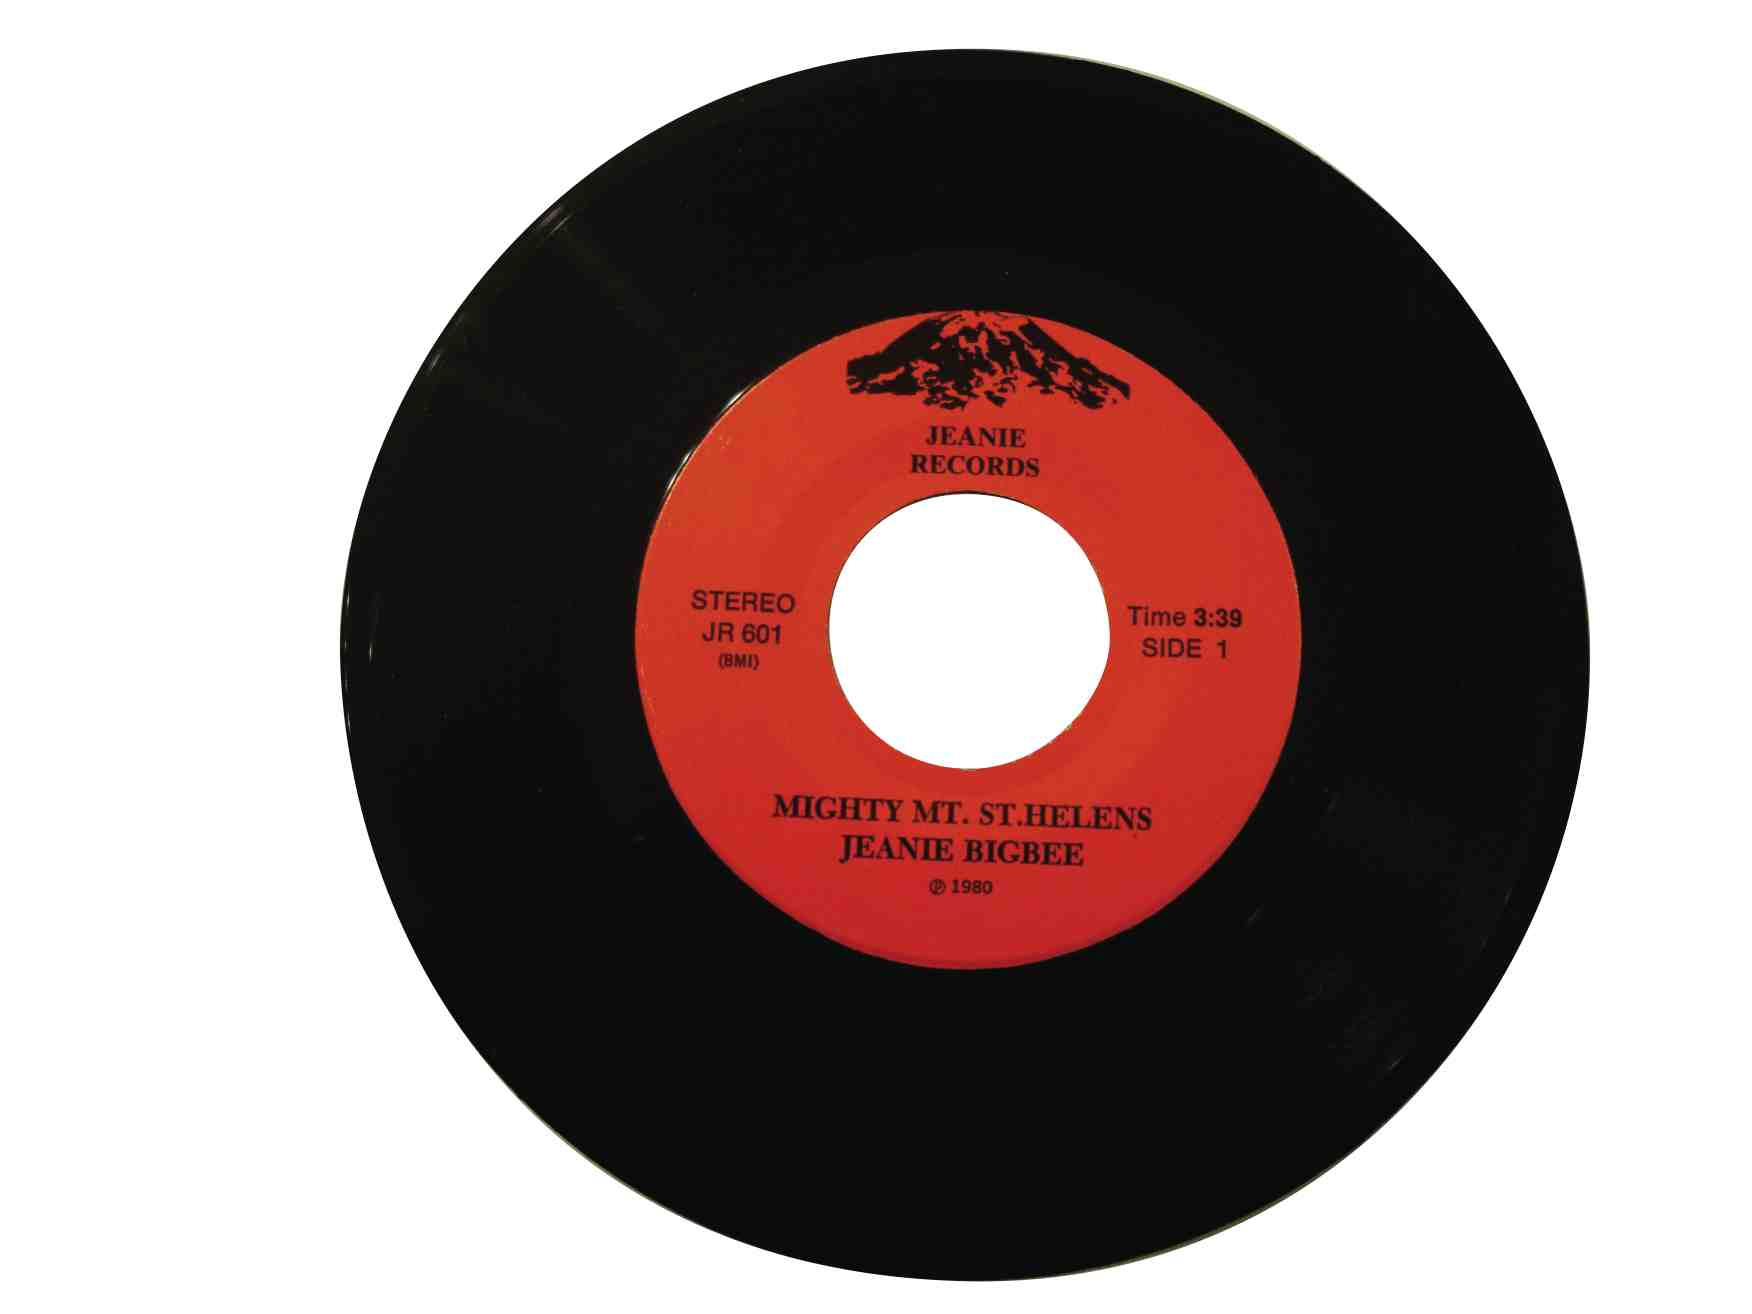 Broken Record Clip Art Vinylrecord. 45Record2.jpg.